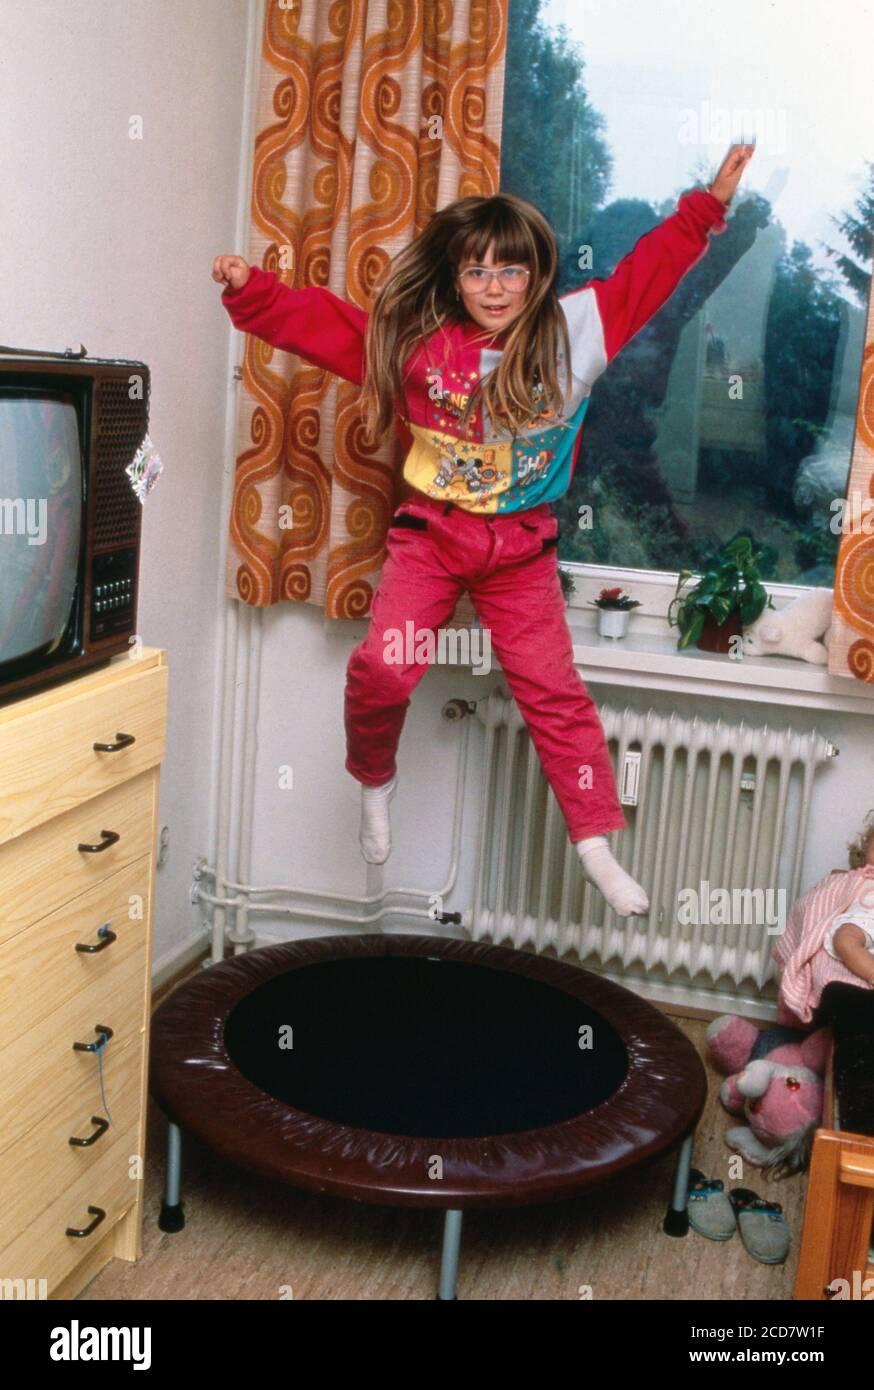 Bildreportage: Linn Westedt tobt auf ihrem Trampolin in ihrem Kinderzimmer Foto de stock